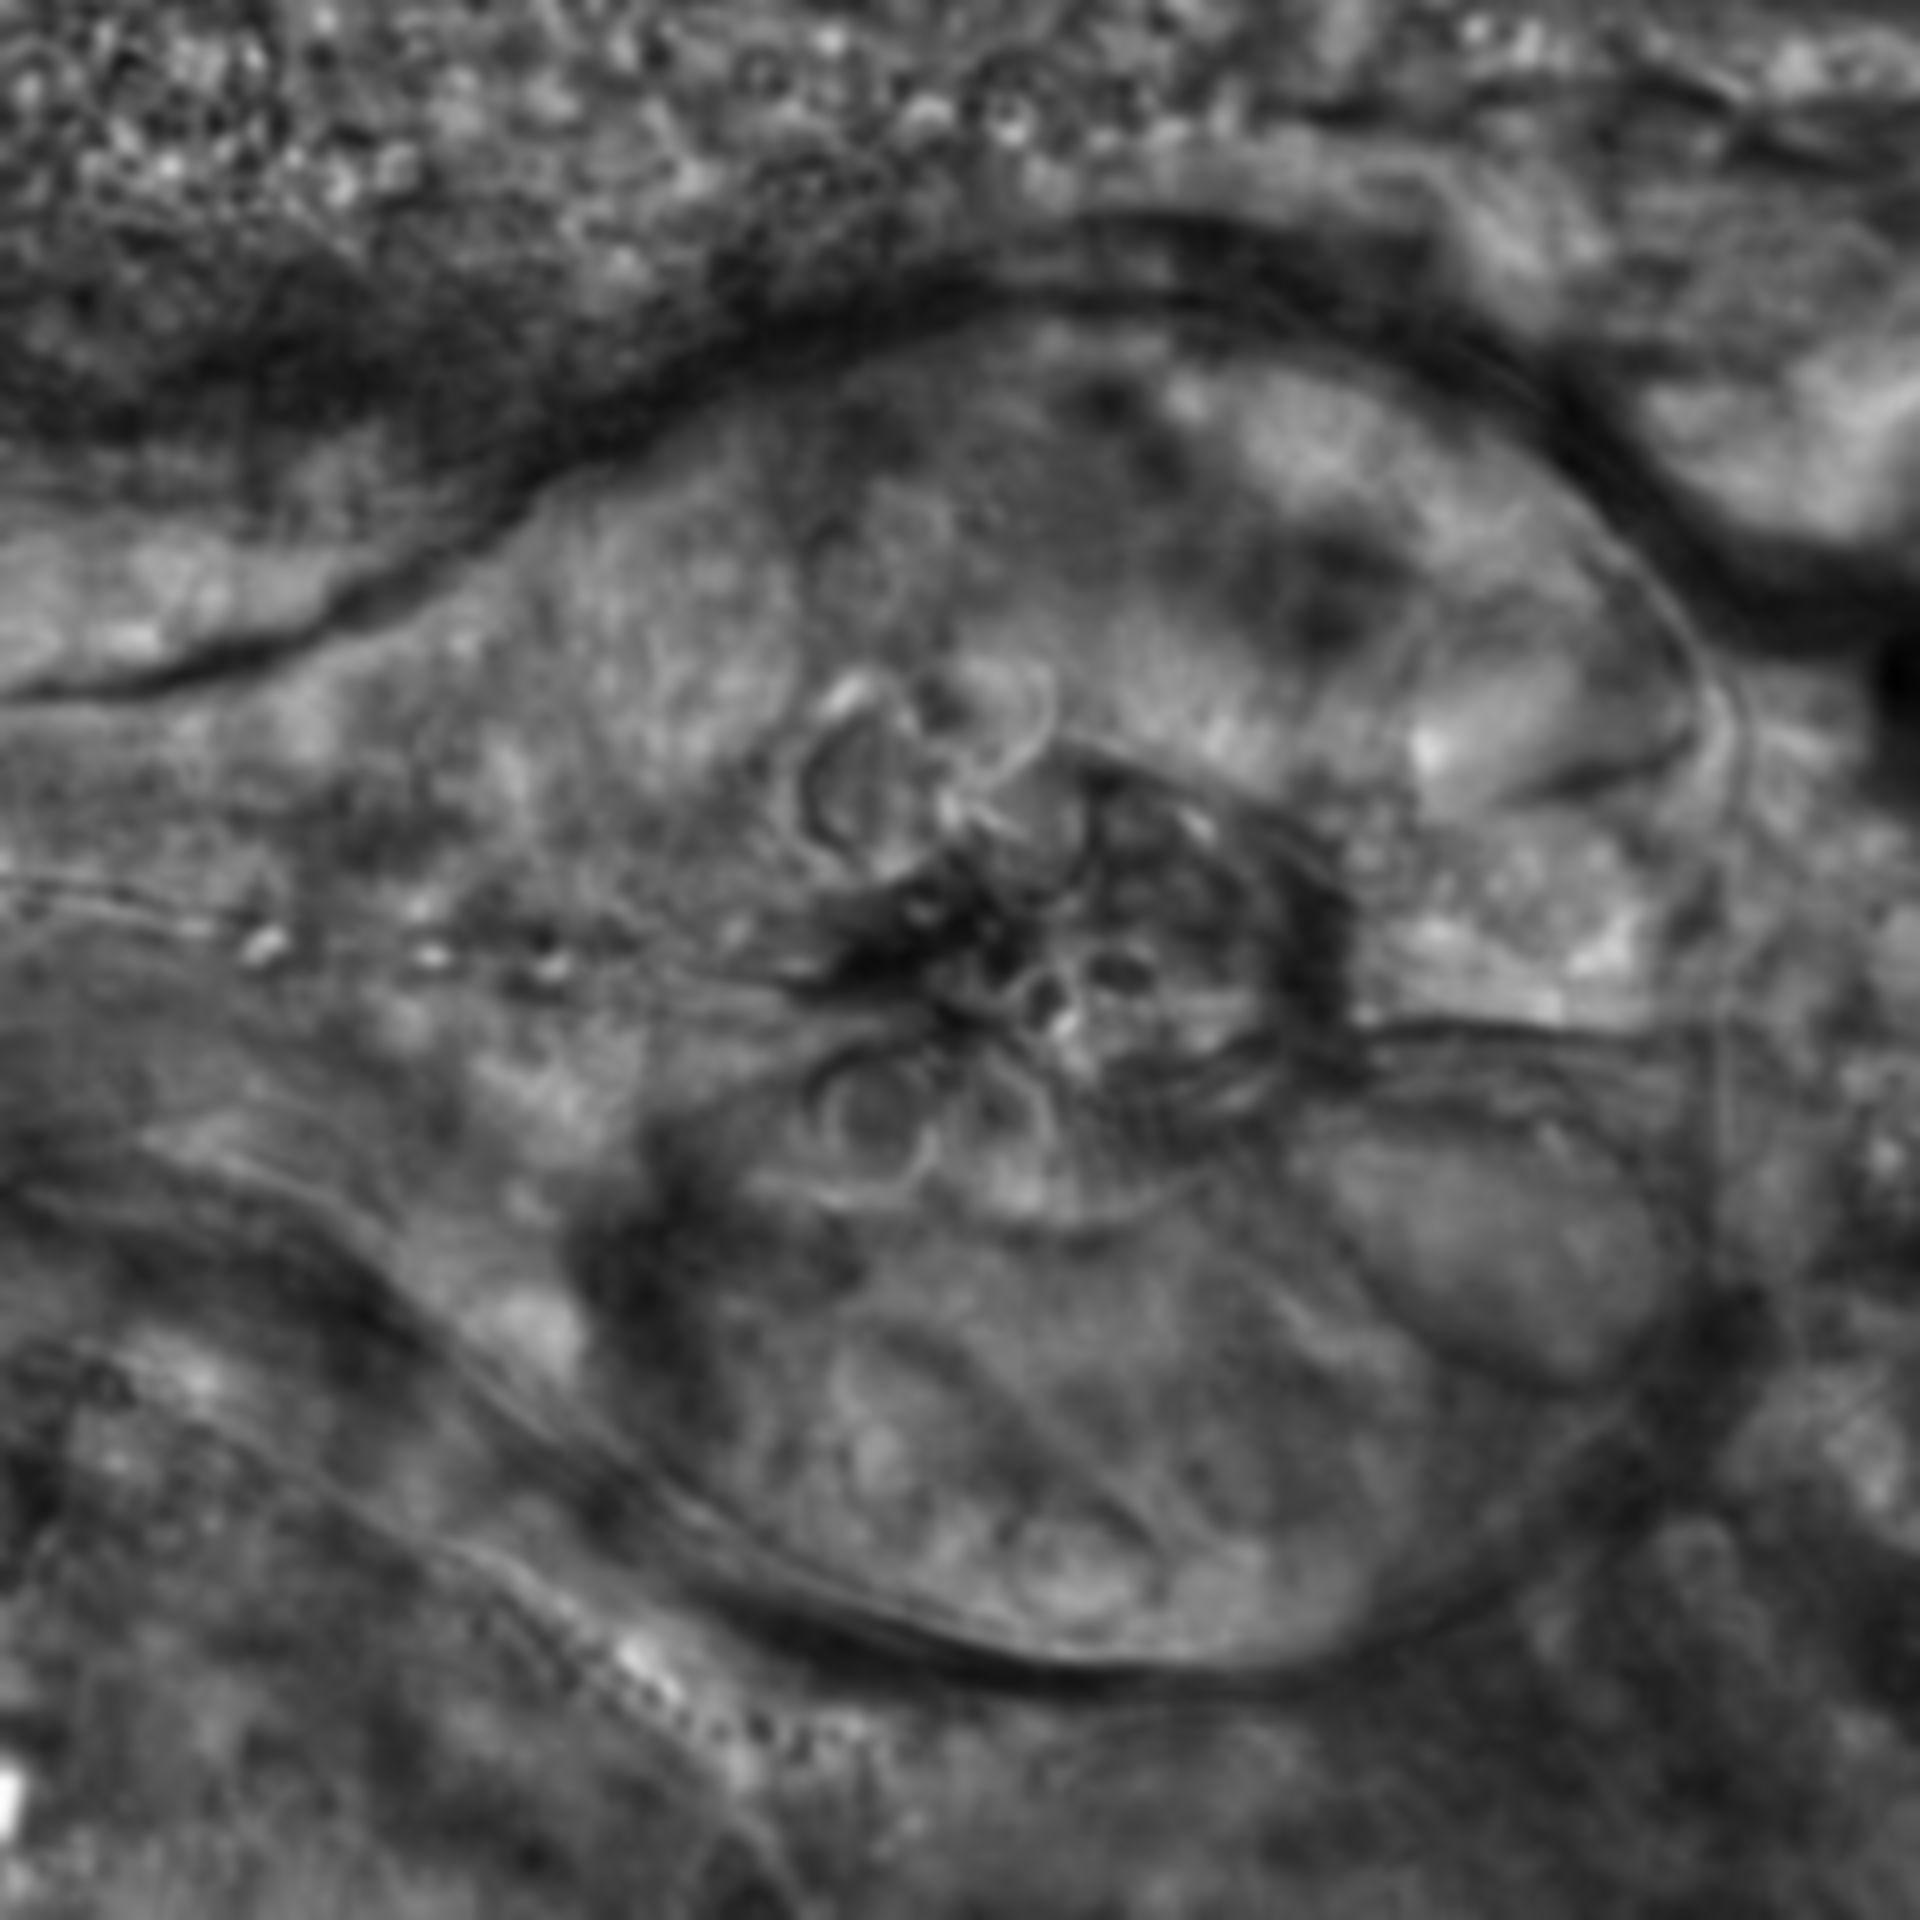 Caenorhabditis elegans - CIL:2752